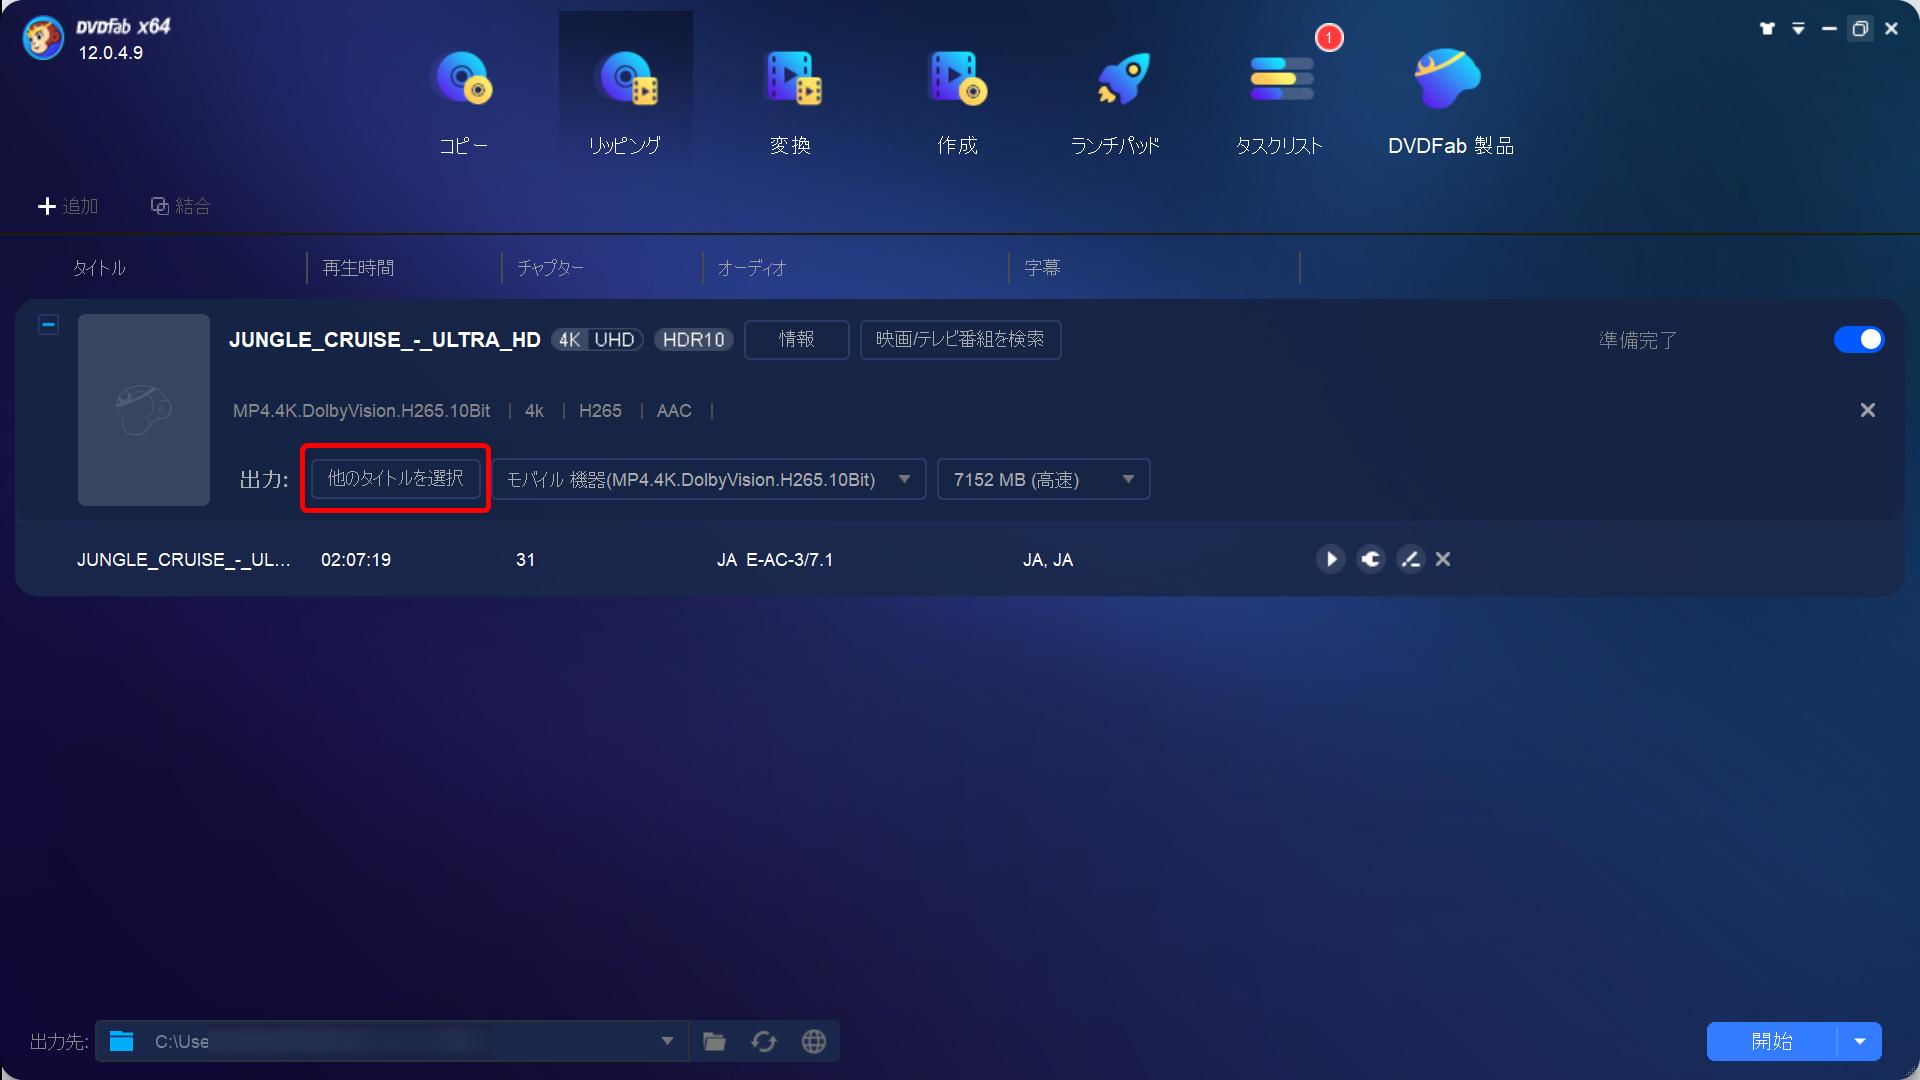 DVDFab12 4K UHDブルーレイのコピー方法 無料でコピーガード解除して4K UHDブルーレイをパソコンに永久保存する方法 ISOファイルをiPhoneに適した形式に変換する:まずは元々4K UHD Blu-rayに収録されていた動画データの中で、具体的にどのタイトルをリッピングするか指定します。